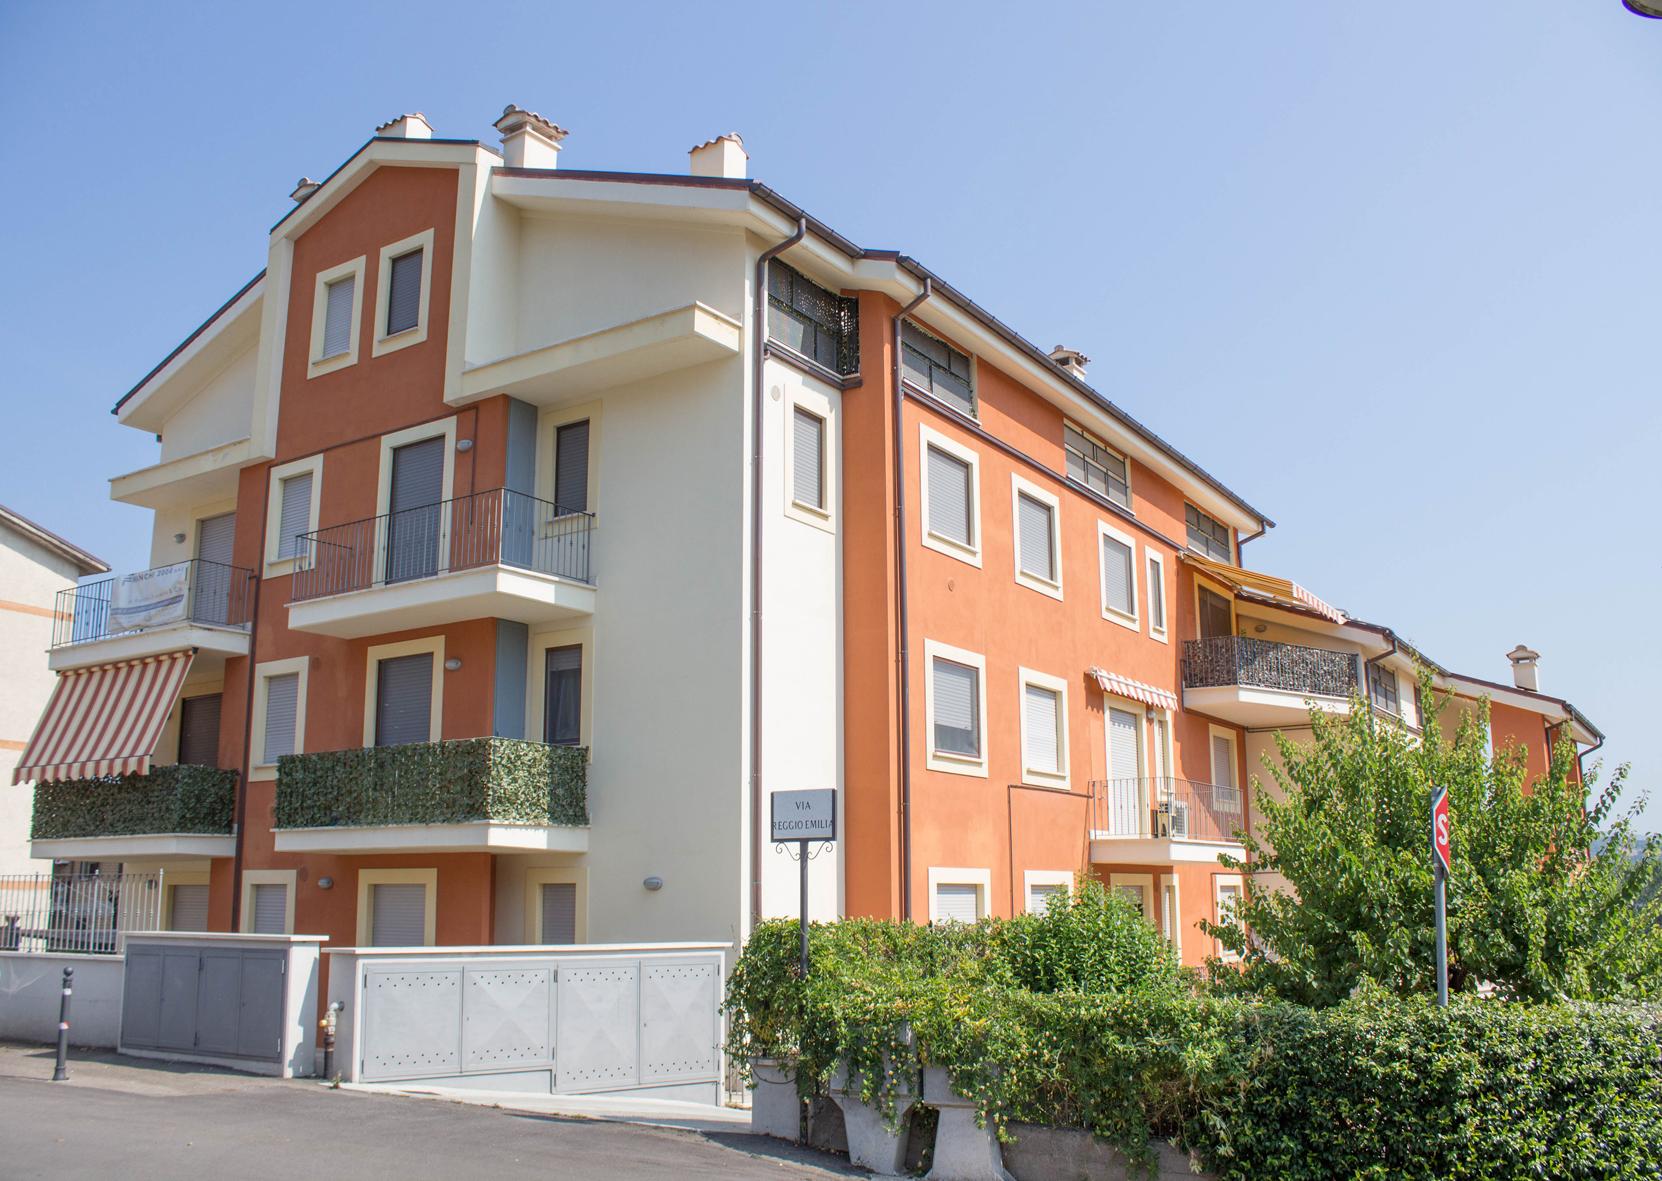 Appartamento in vendita a Orte, 2 locali, zona Località: OrteScalo, prezzo € 86.000 | CambioCasa.it